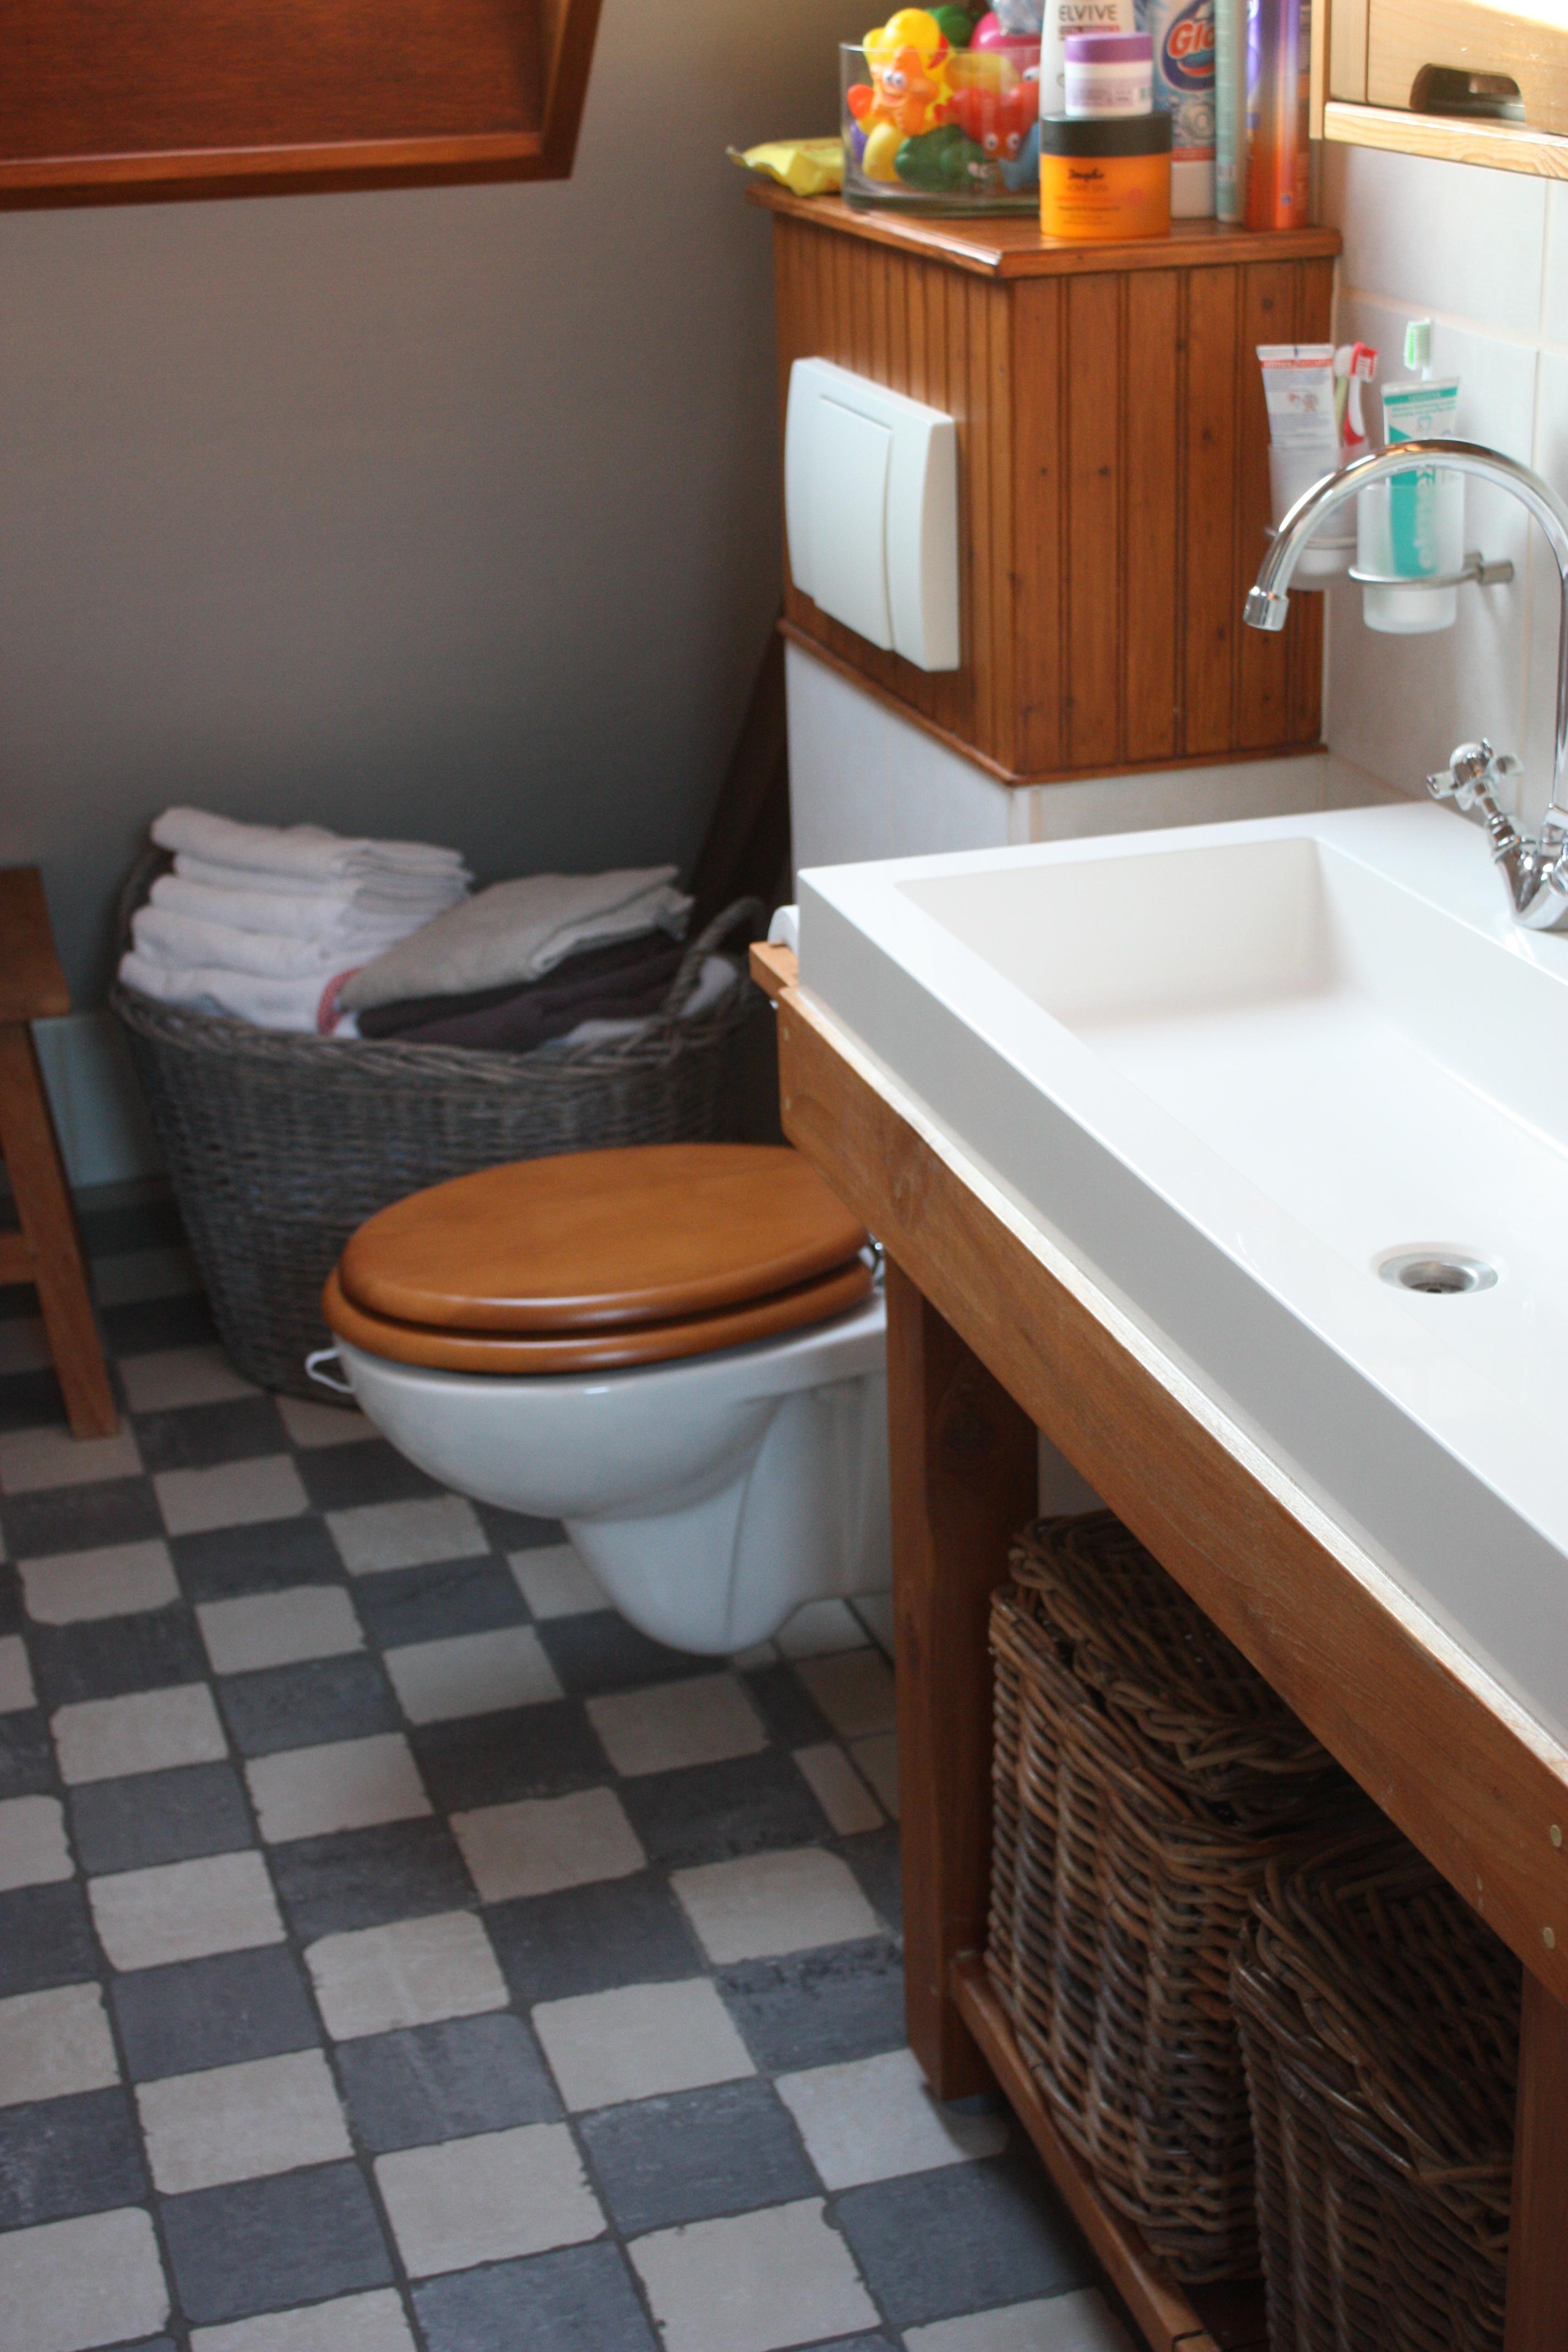 Badkamer 3 - Klusbedrijf Apeldoorn -Kleine Klusserij